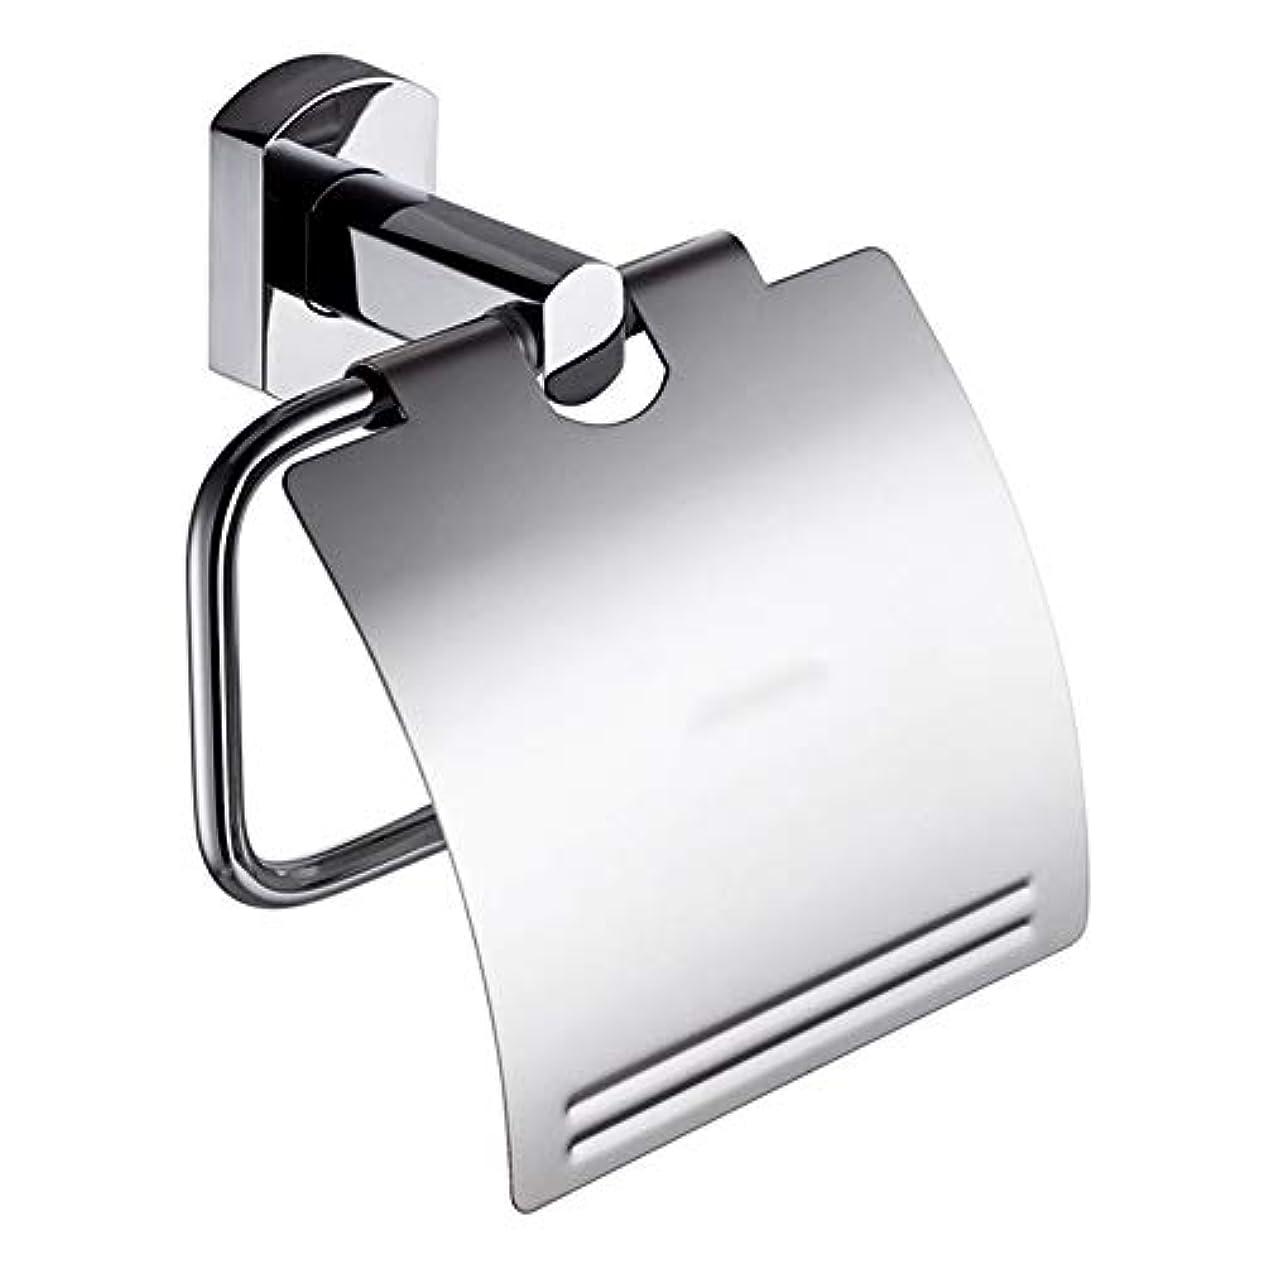 前置詞十年従者ZZLX 紙タオルホルダー、すべての銅ステンレス鋼浴室トイレットペーパーカセットトイレットペーパーホルダー ロングハンドル風呂ブラシ